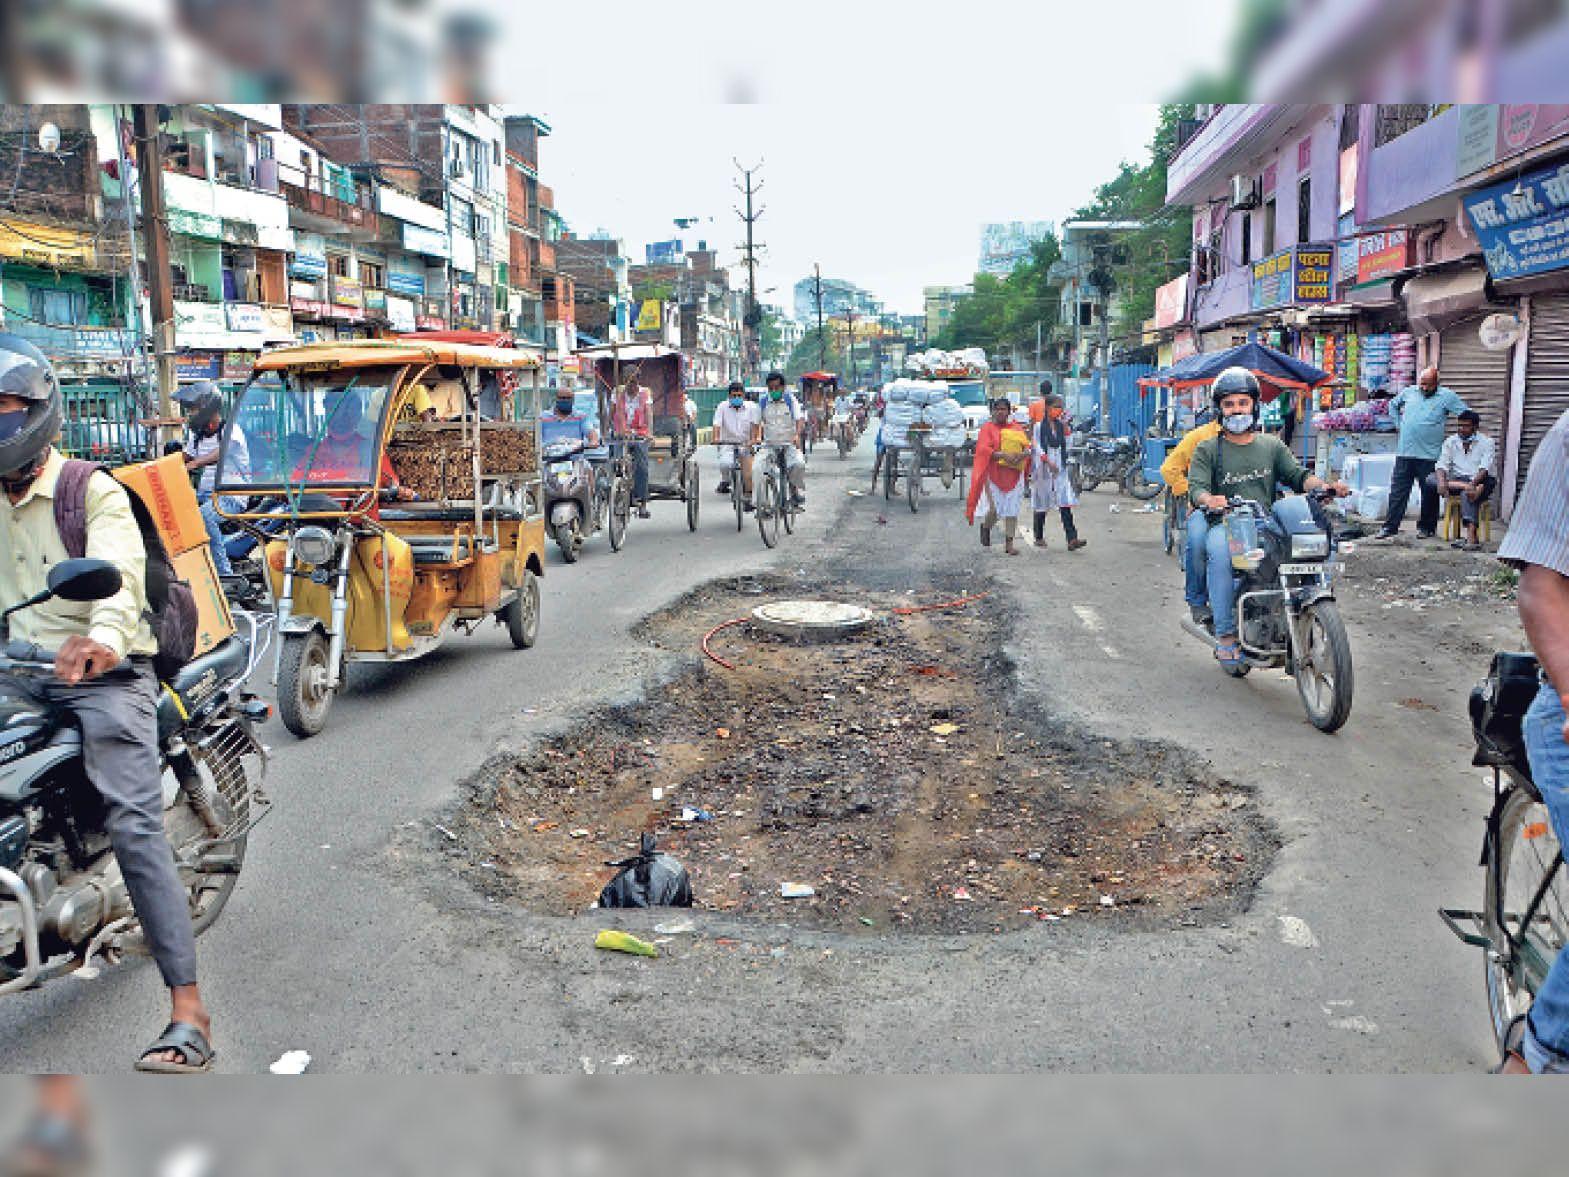 सरकार ने दावा किया था कि पटना की 94% सड़कें दुरुस्त कर दी गई, लेकिन मेयर व पार्षदों ने कहा-ये झूठ|पटना,Patna - Dainik Bhaskar